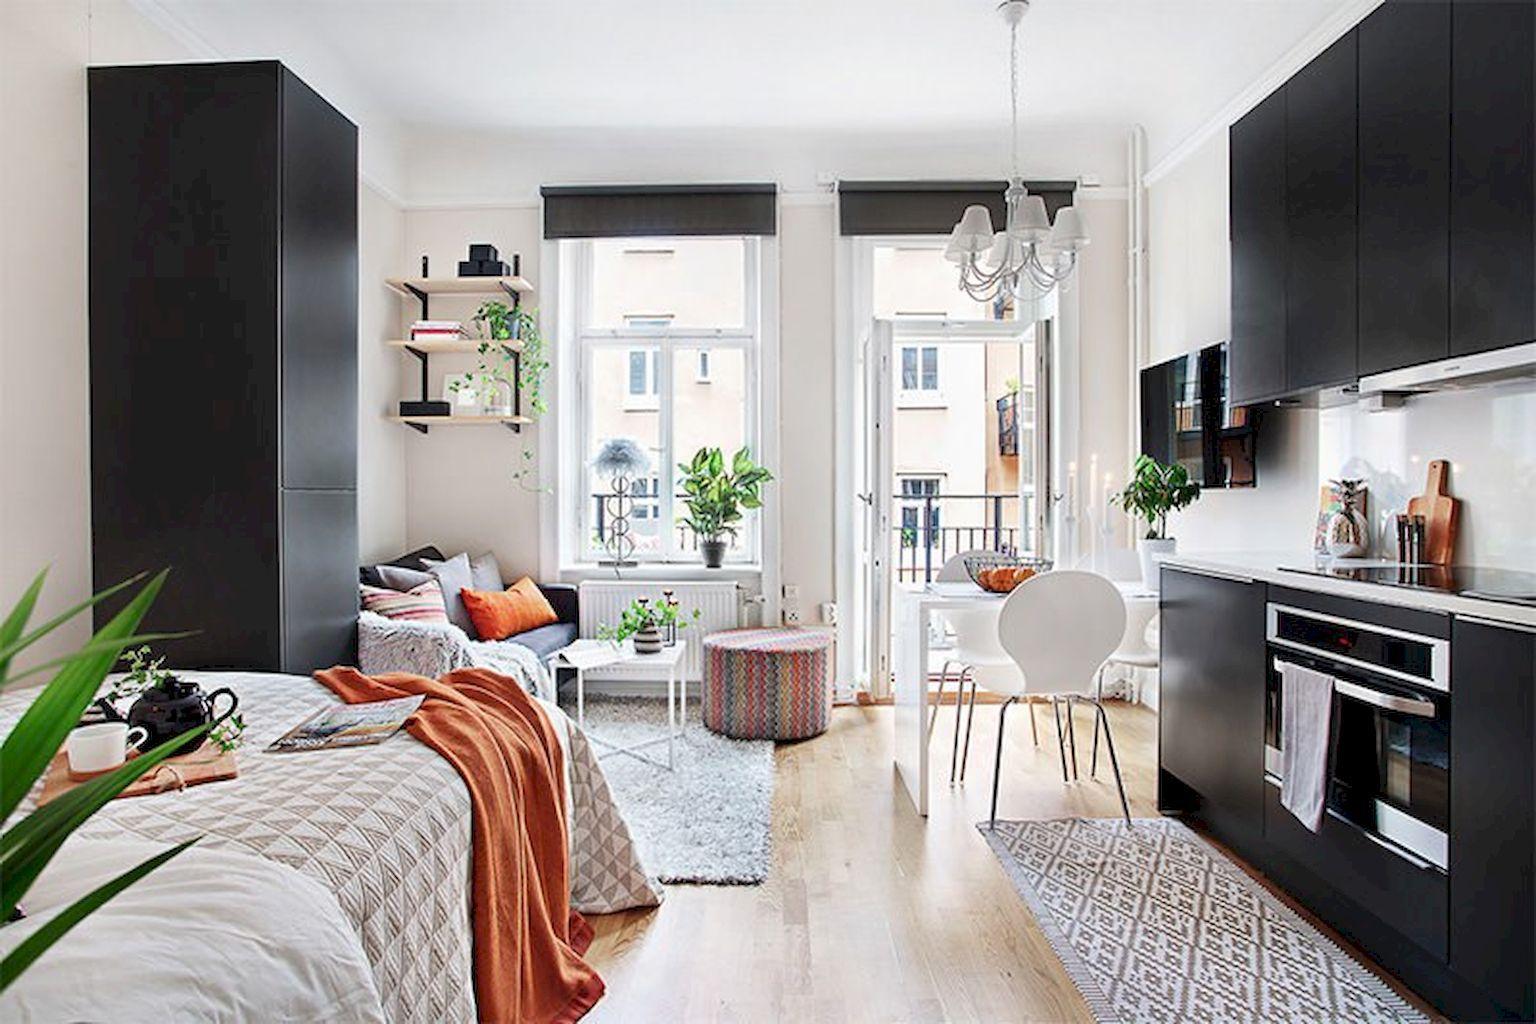 77 Magnificent Small Studio Apartment Decor Ideas | Small studio ...